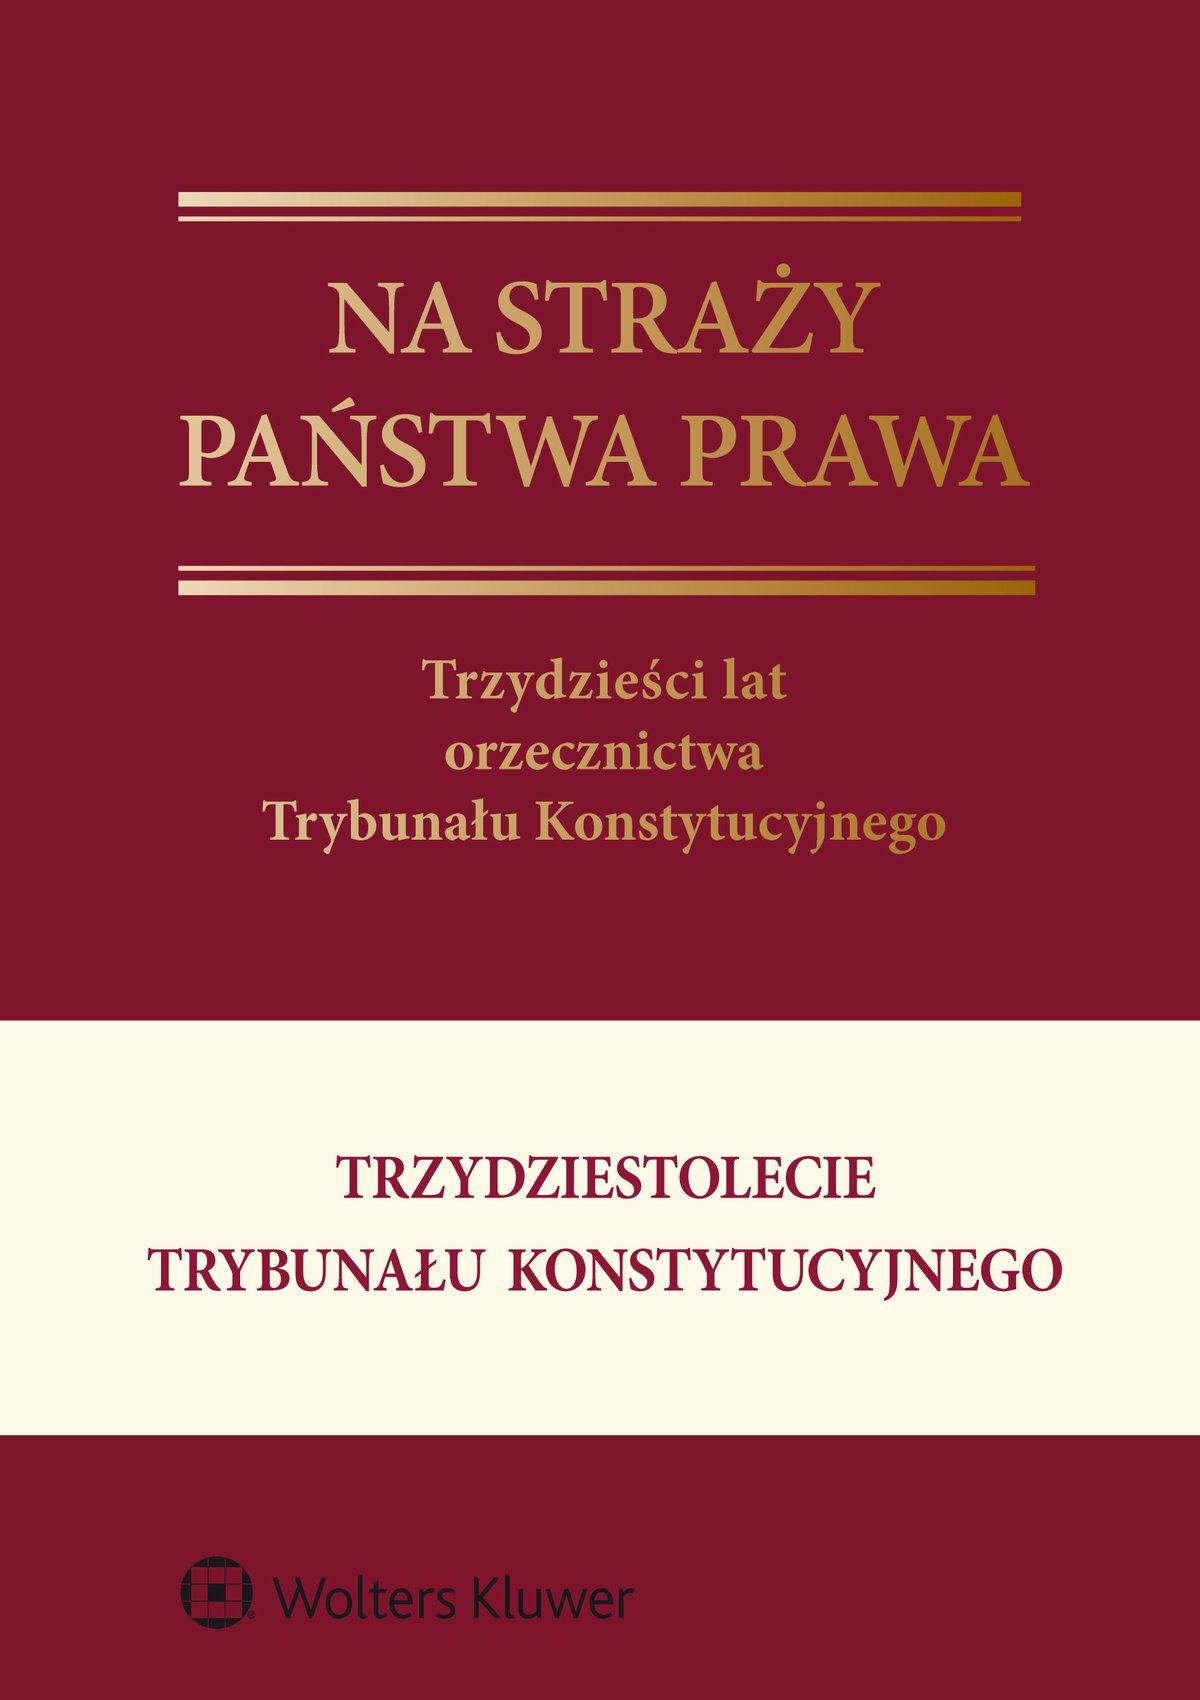 Na straży państwa prawa. Trzydzieści lat orzecznictwa Trybunału Konstytucyjnego - Ebook (Książka EPUB) do pobrania w formacie EPUB